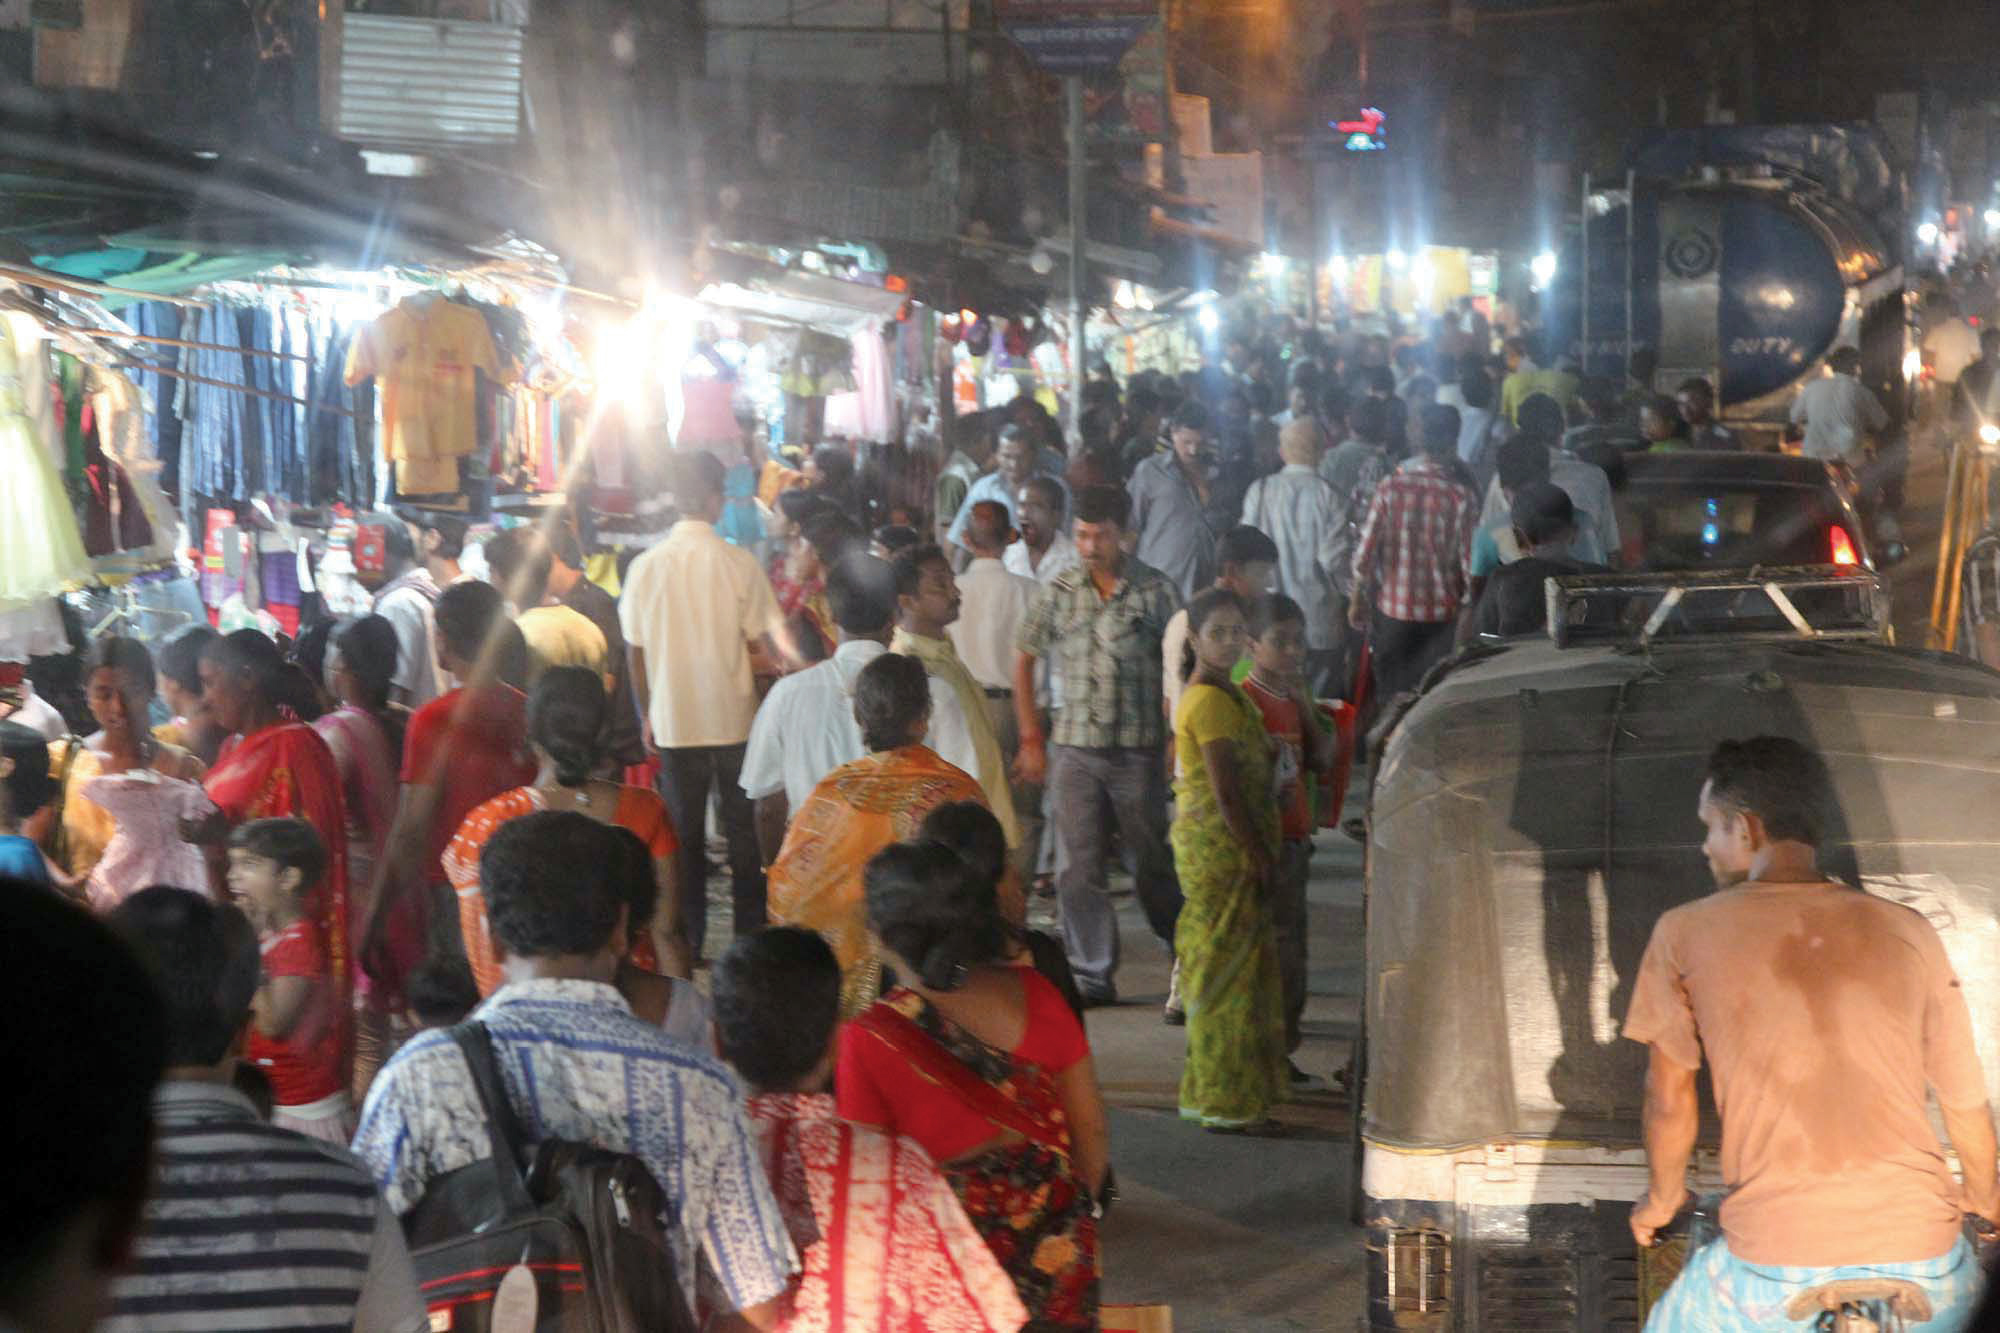 콜카타로 들어갈 때 만난 시장, 길이 혼잡해 전진하기가 힘들었다.